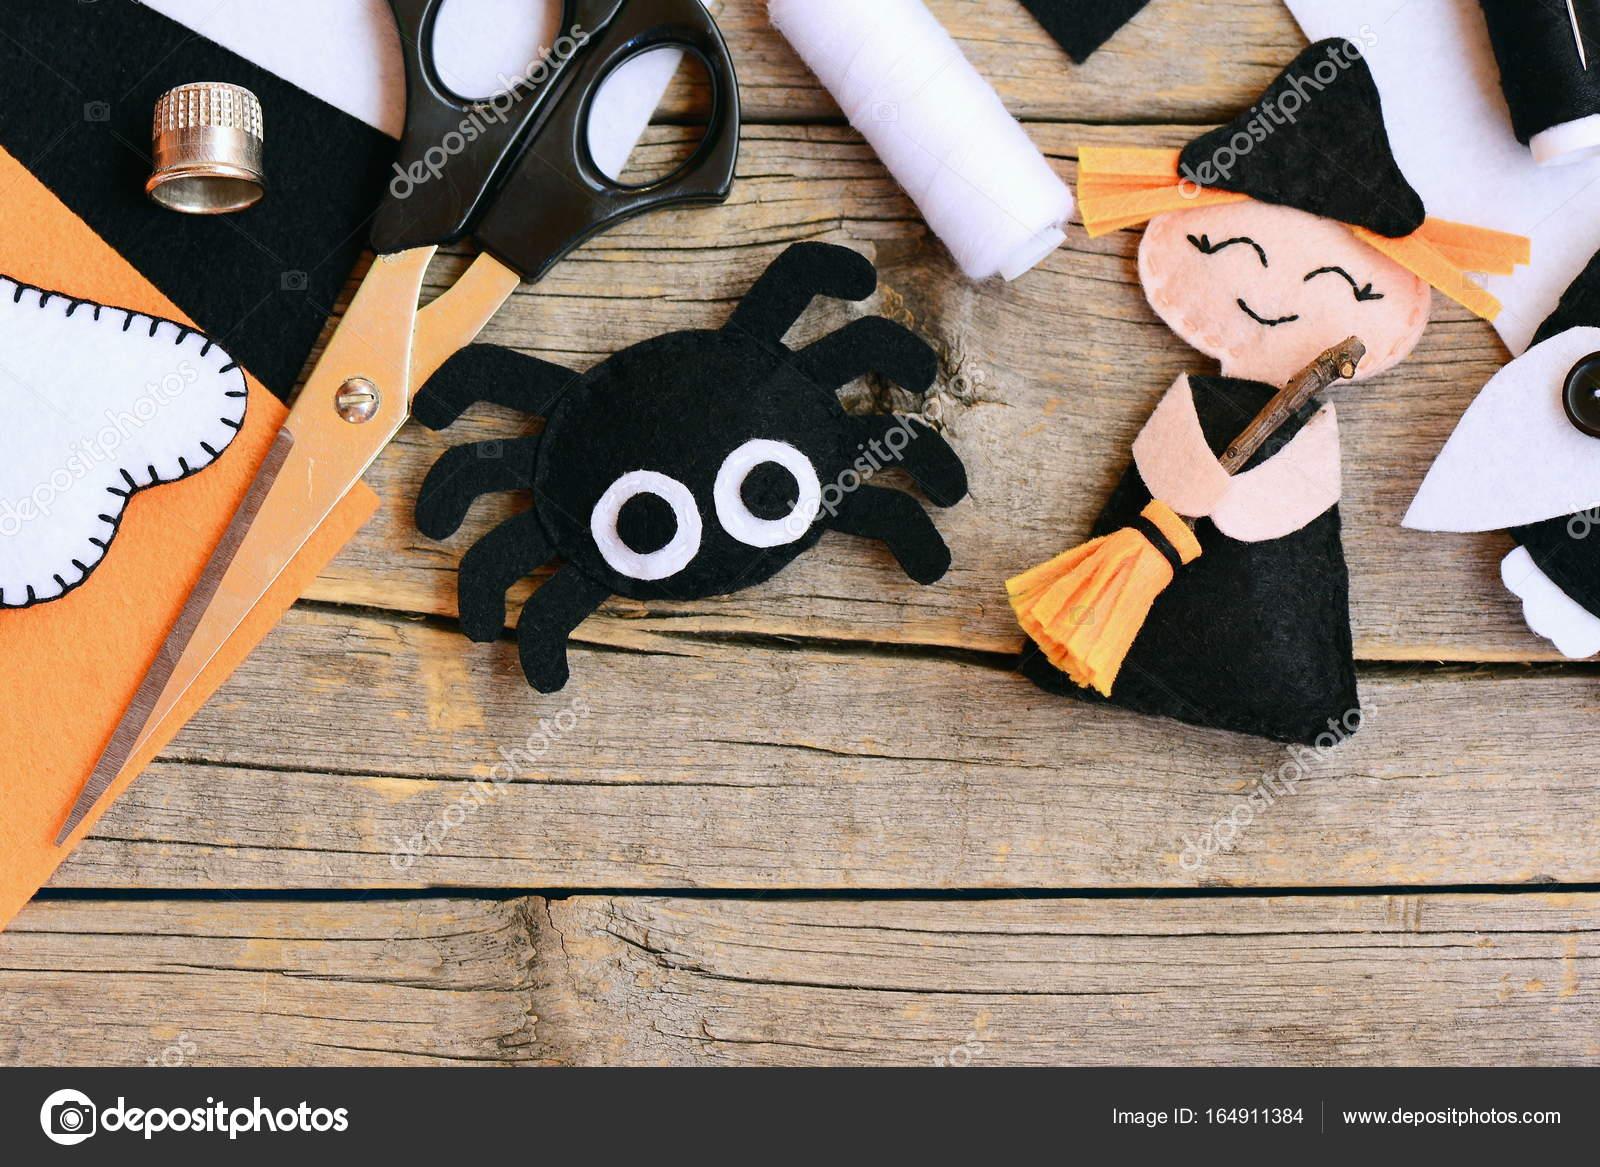 Halloween Basteln Holz.Schnelle Halloween Basteln Fühlte Mich Hexe Puppe Spinne